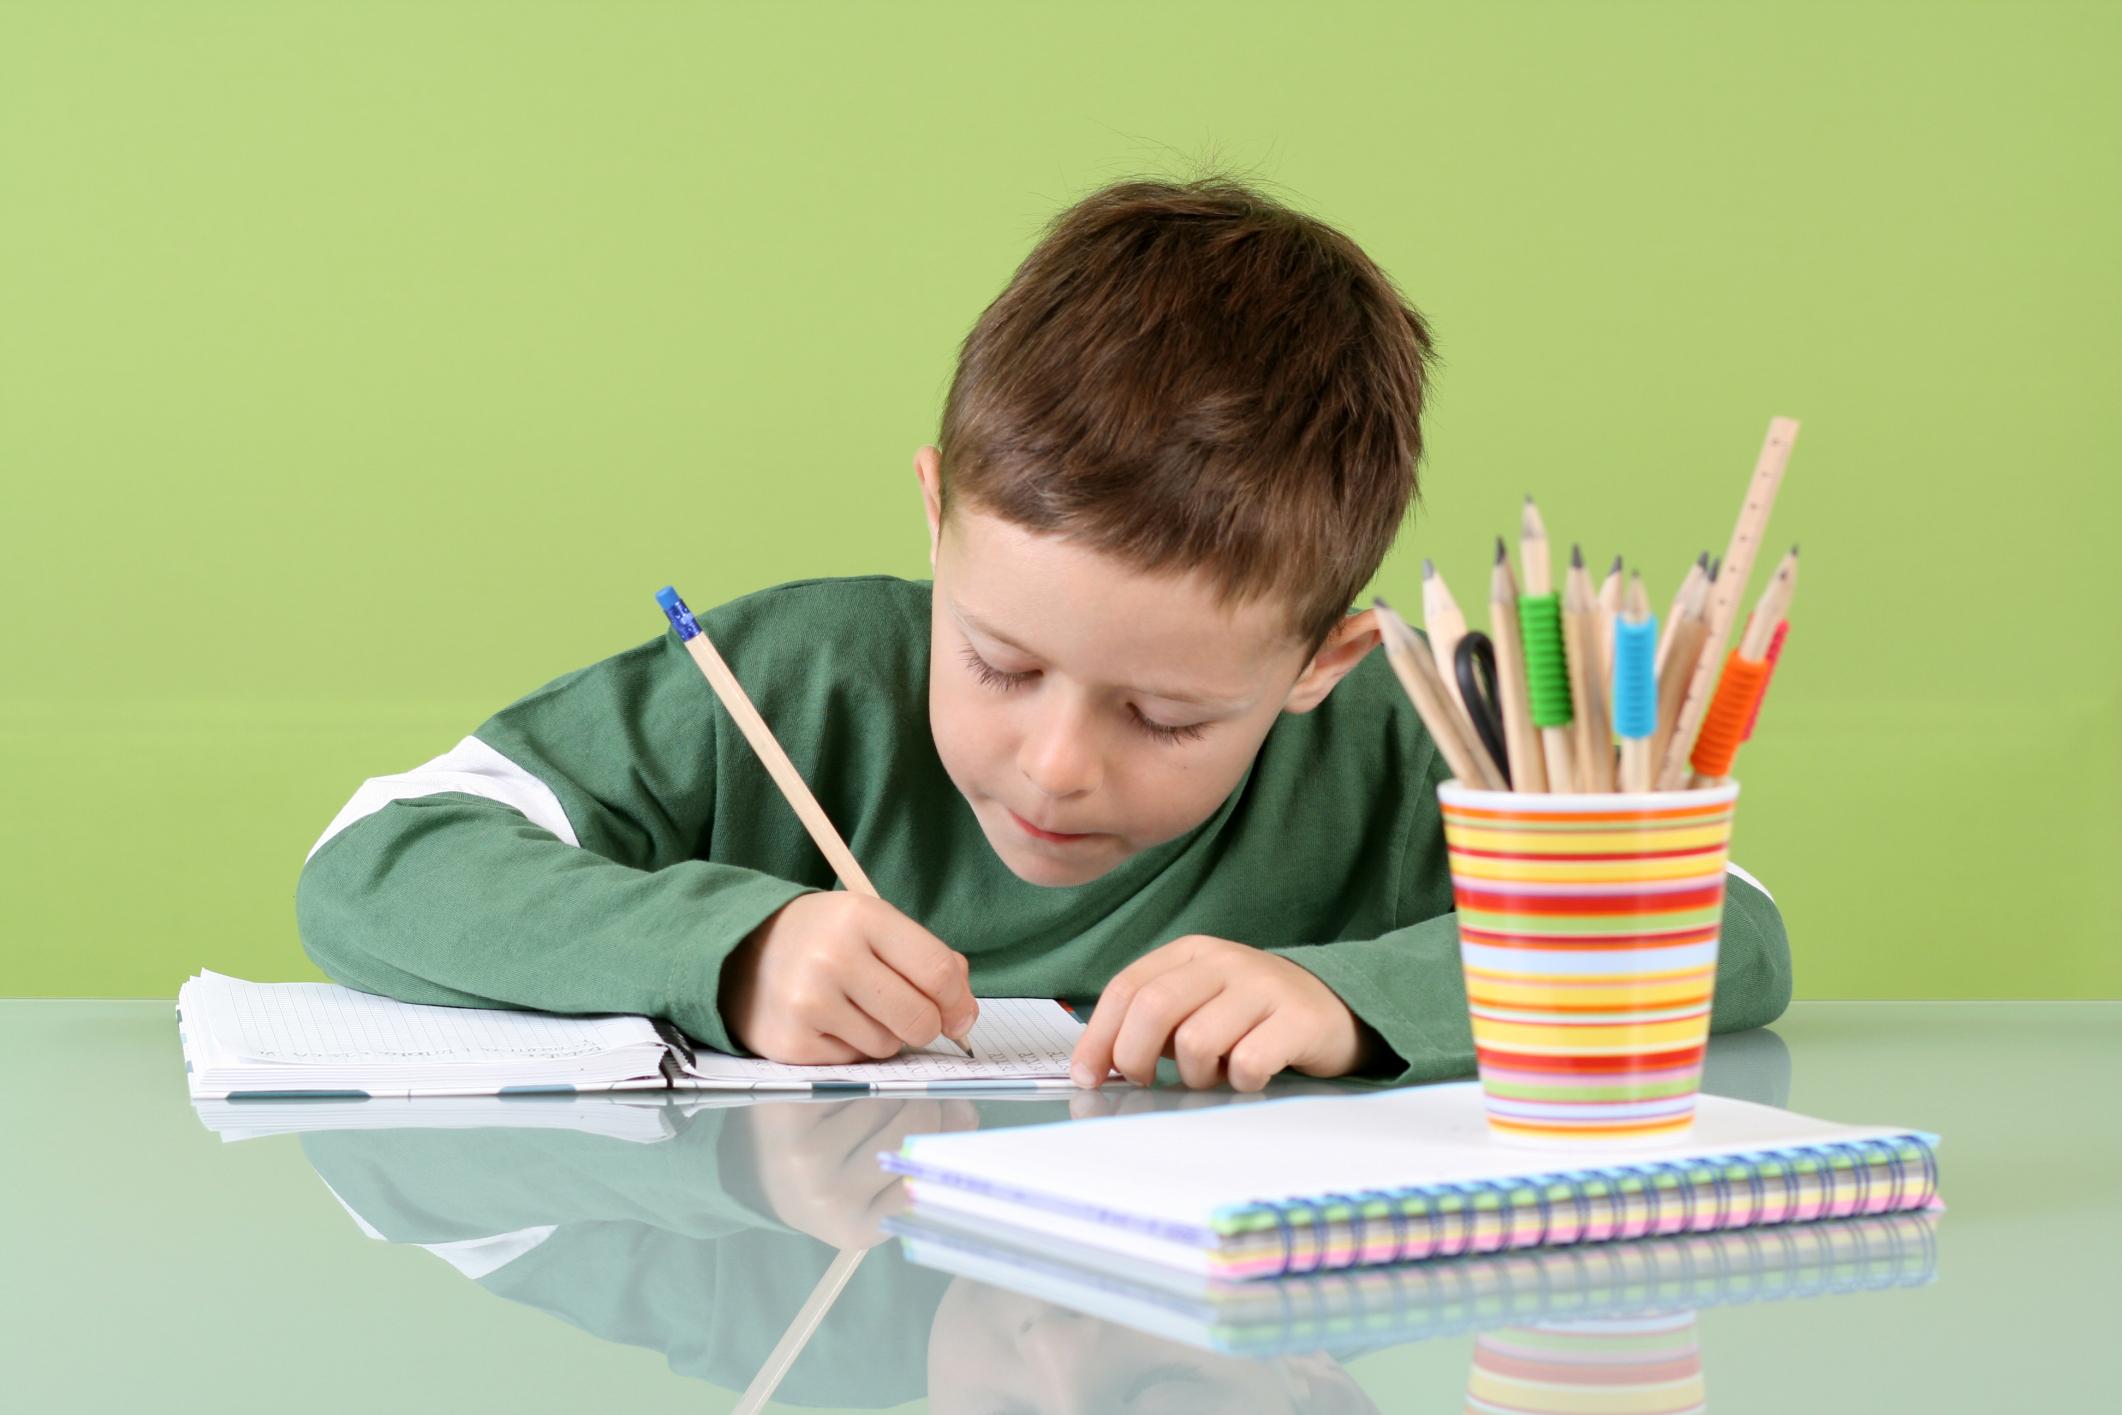 делать картинки с детьми личности состоянии